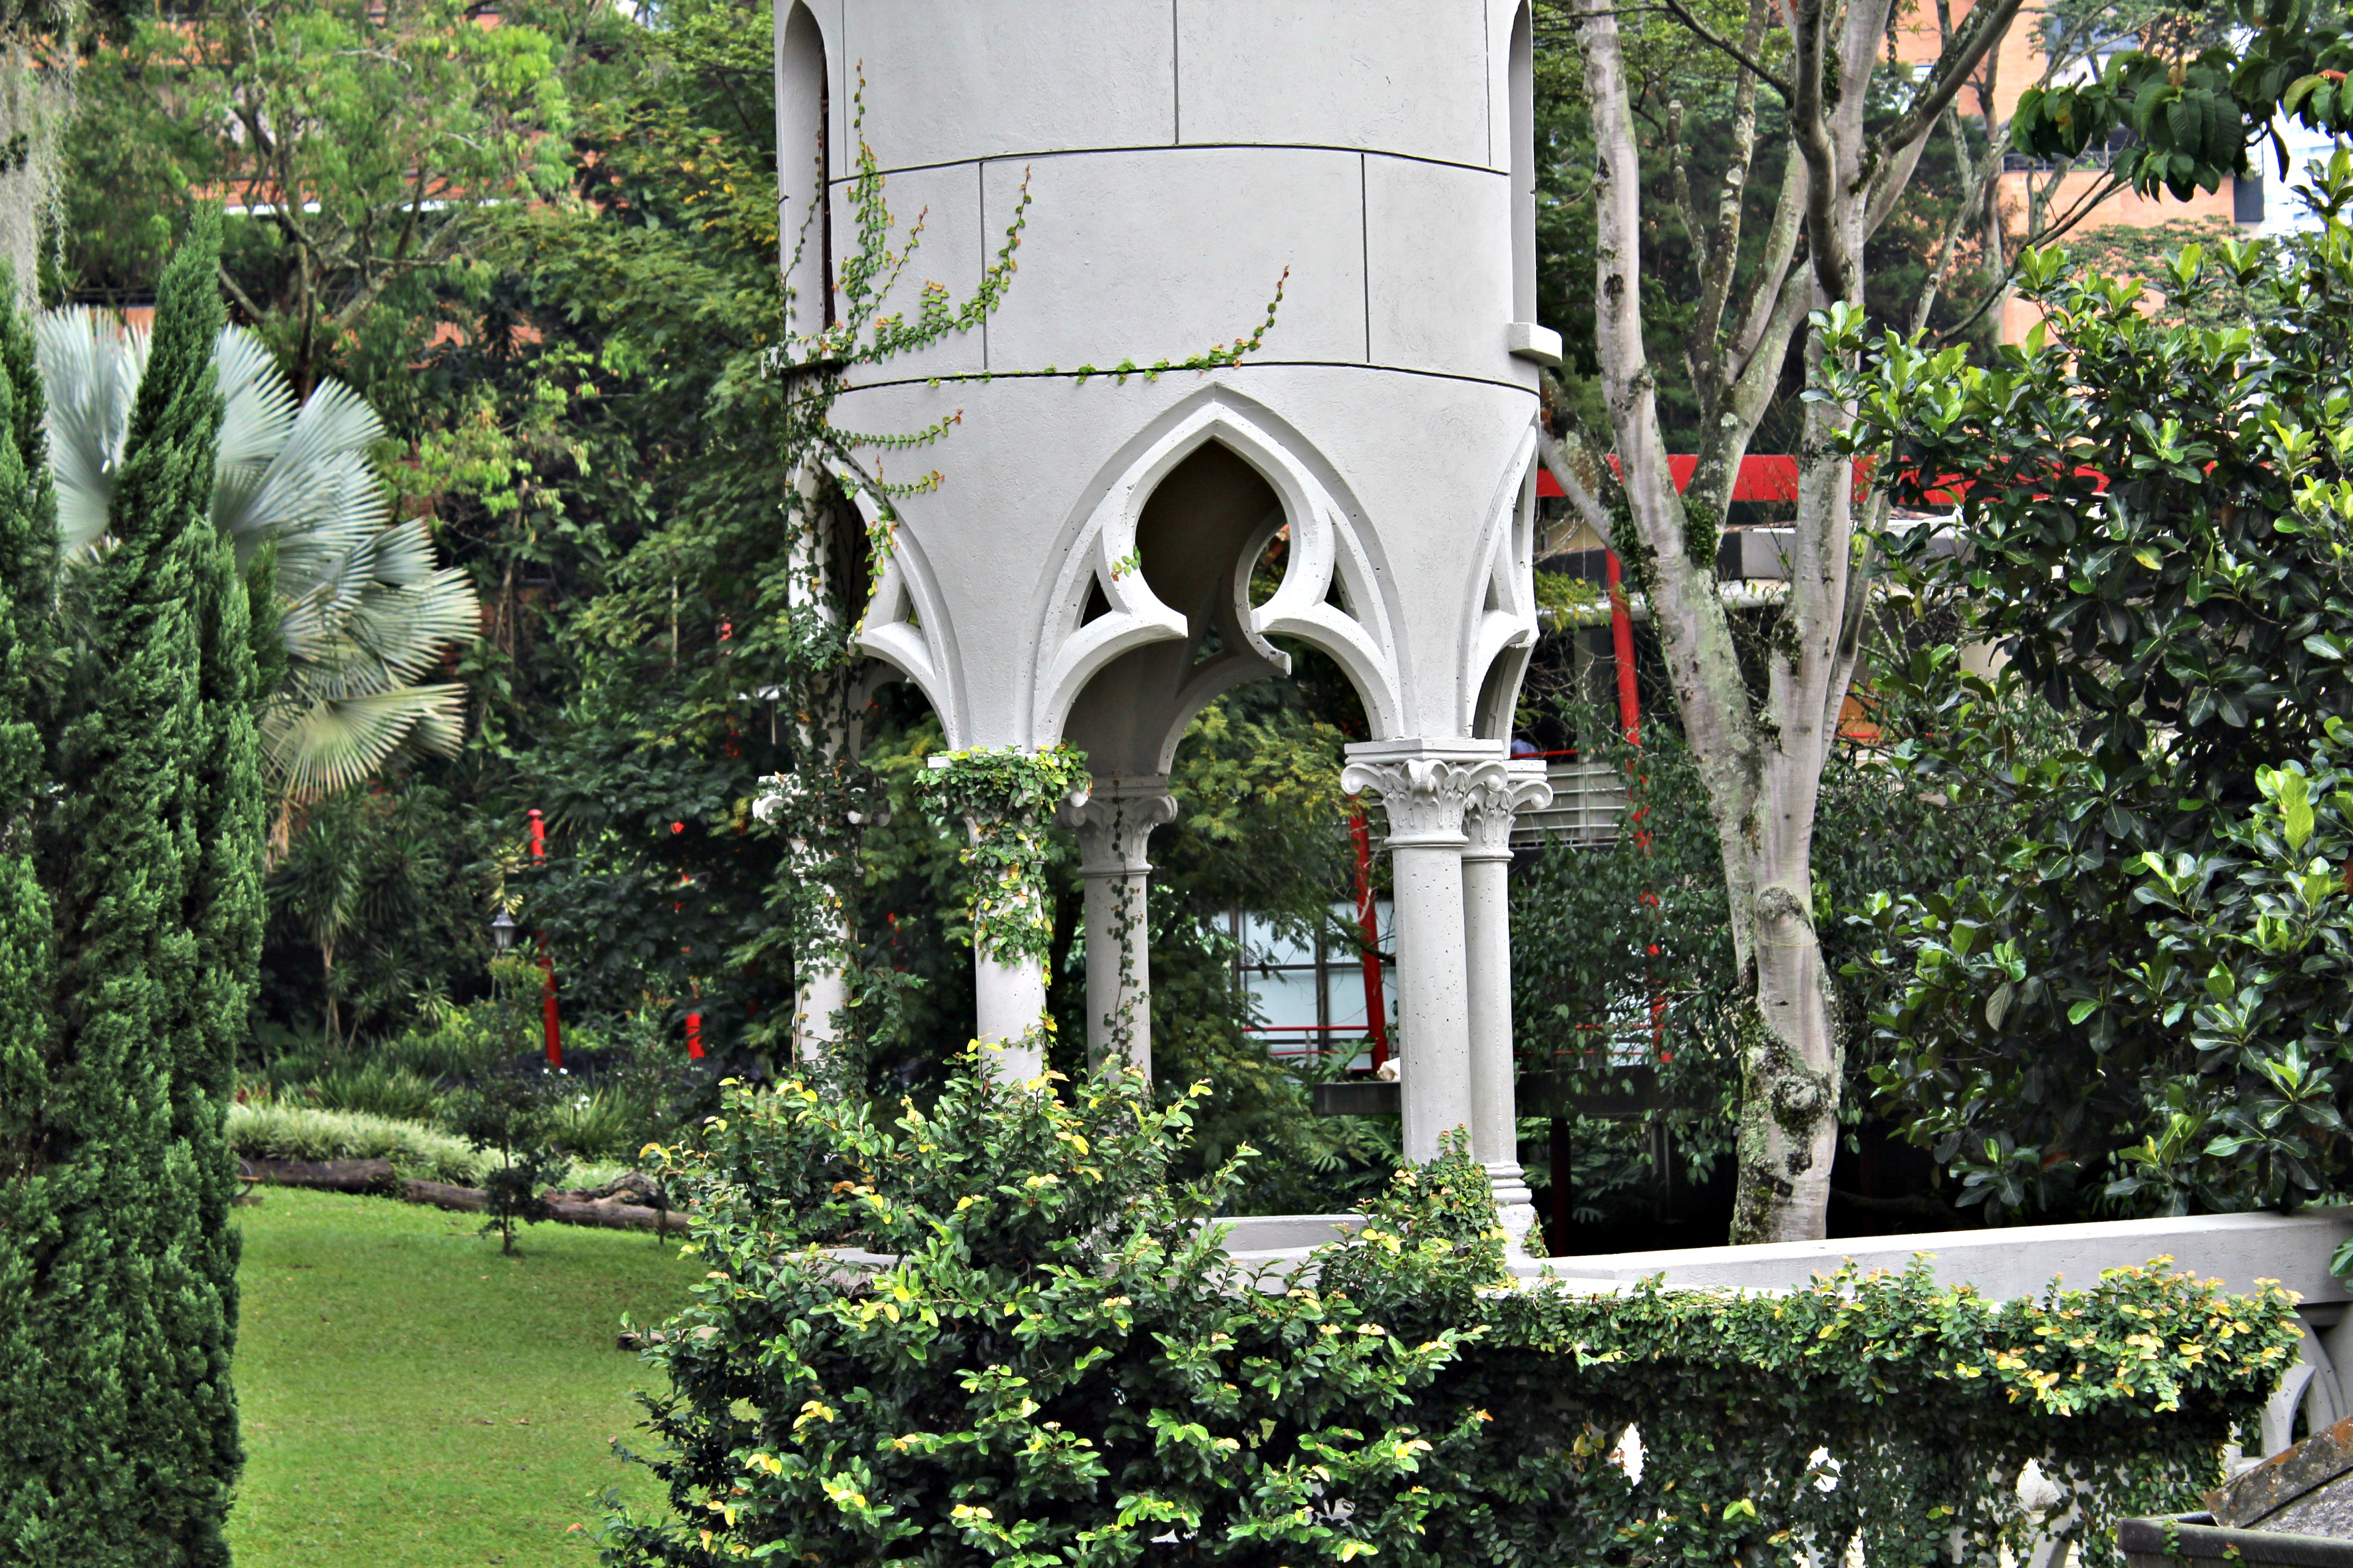 Nobleza Y Nostalgia El Castillo Franc S De Medell N # Habia Vez Muebles Infantiles Medellin